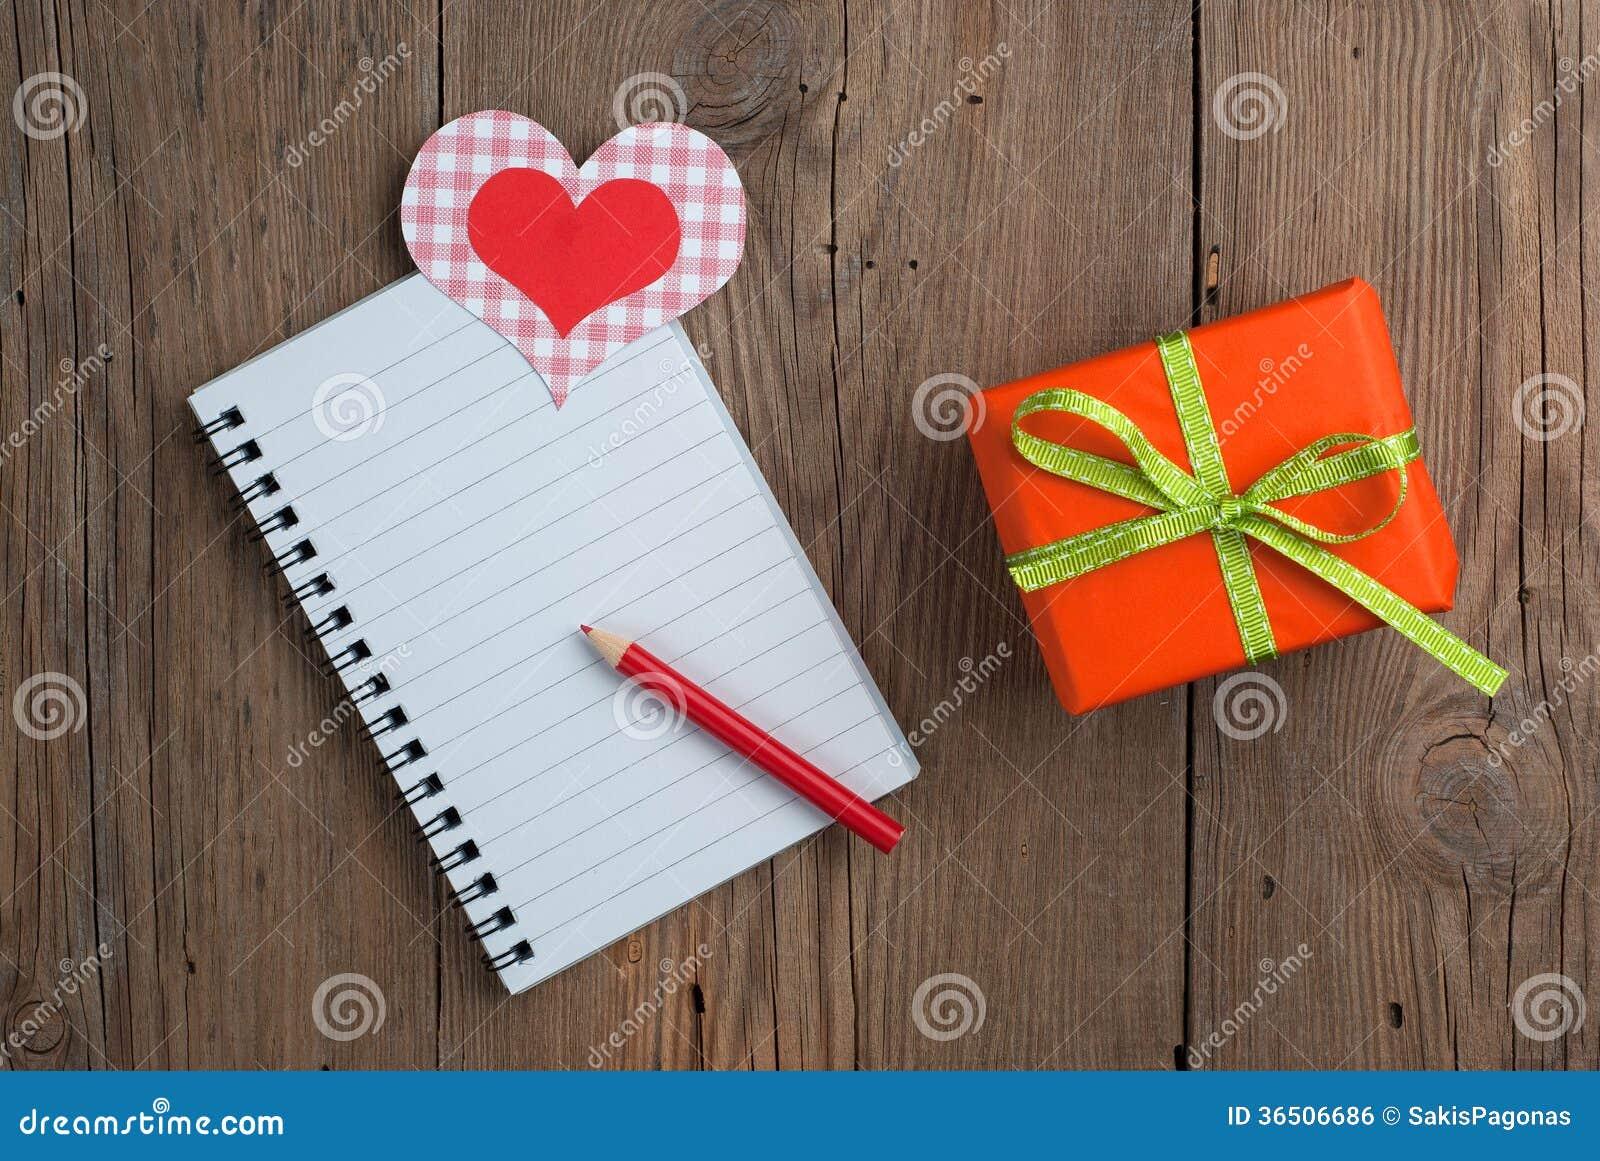 Carnet avec le cadeau, le crayon et les coeurs